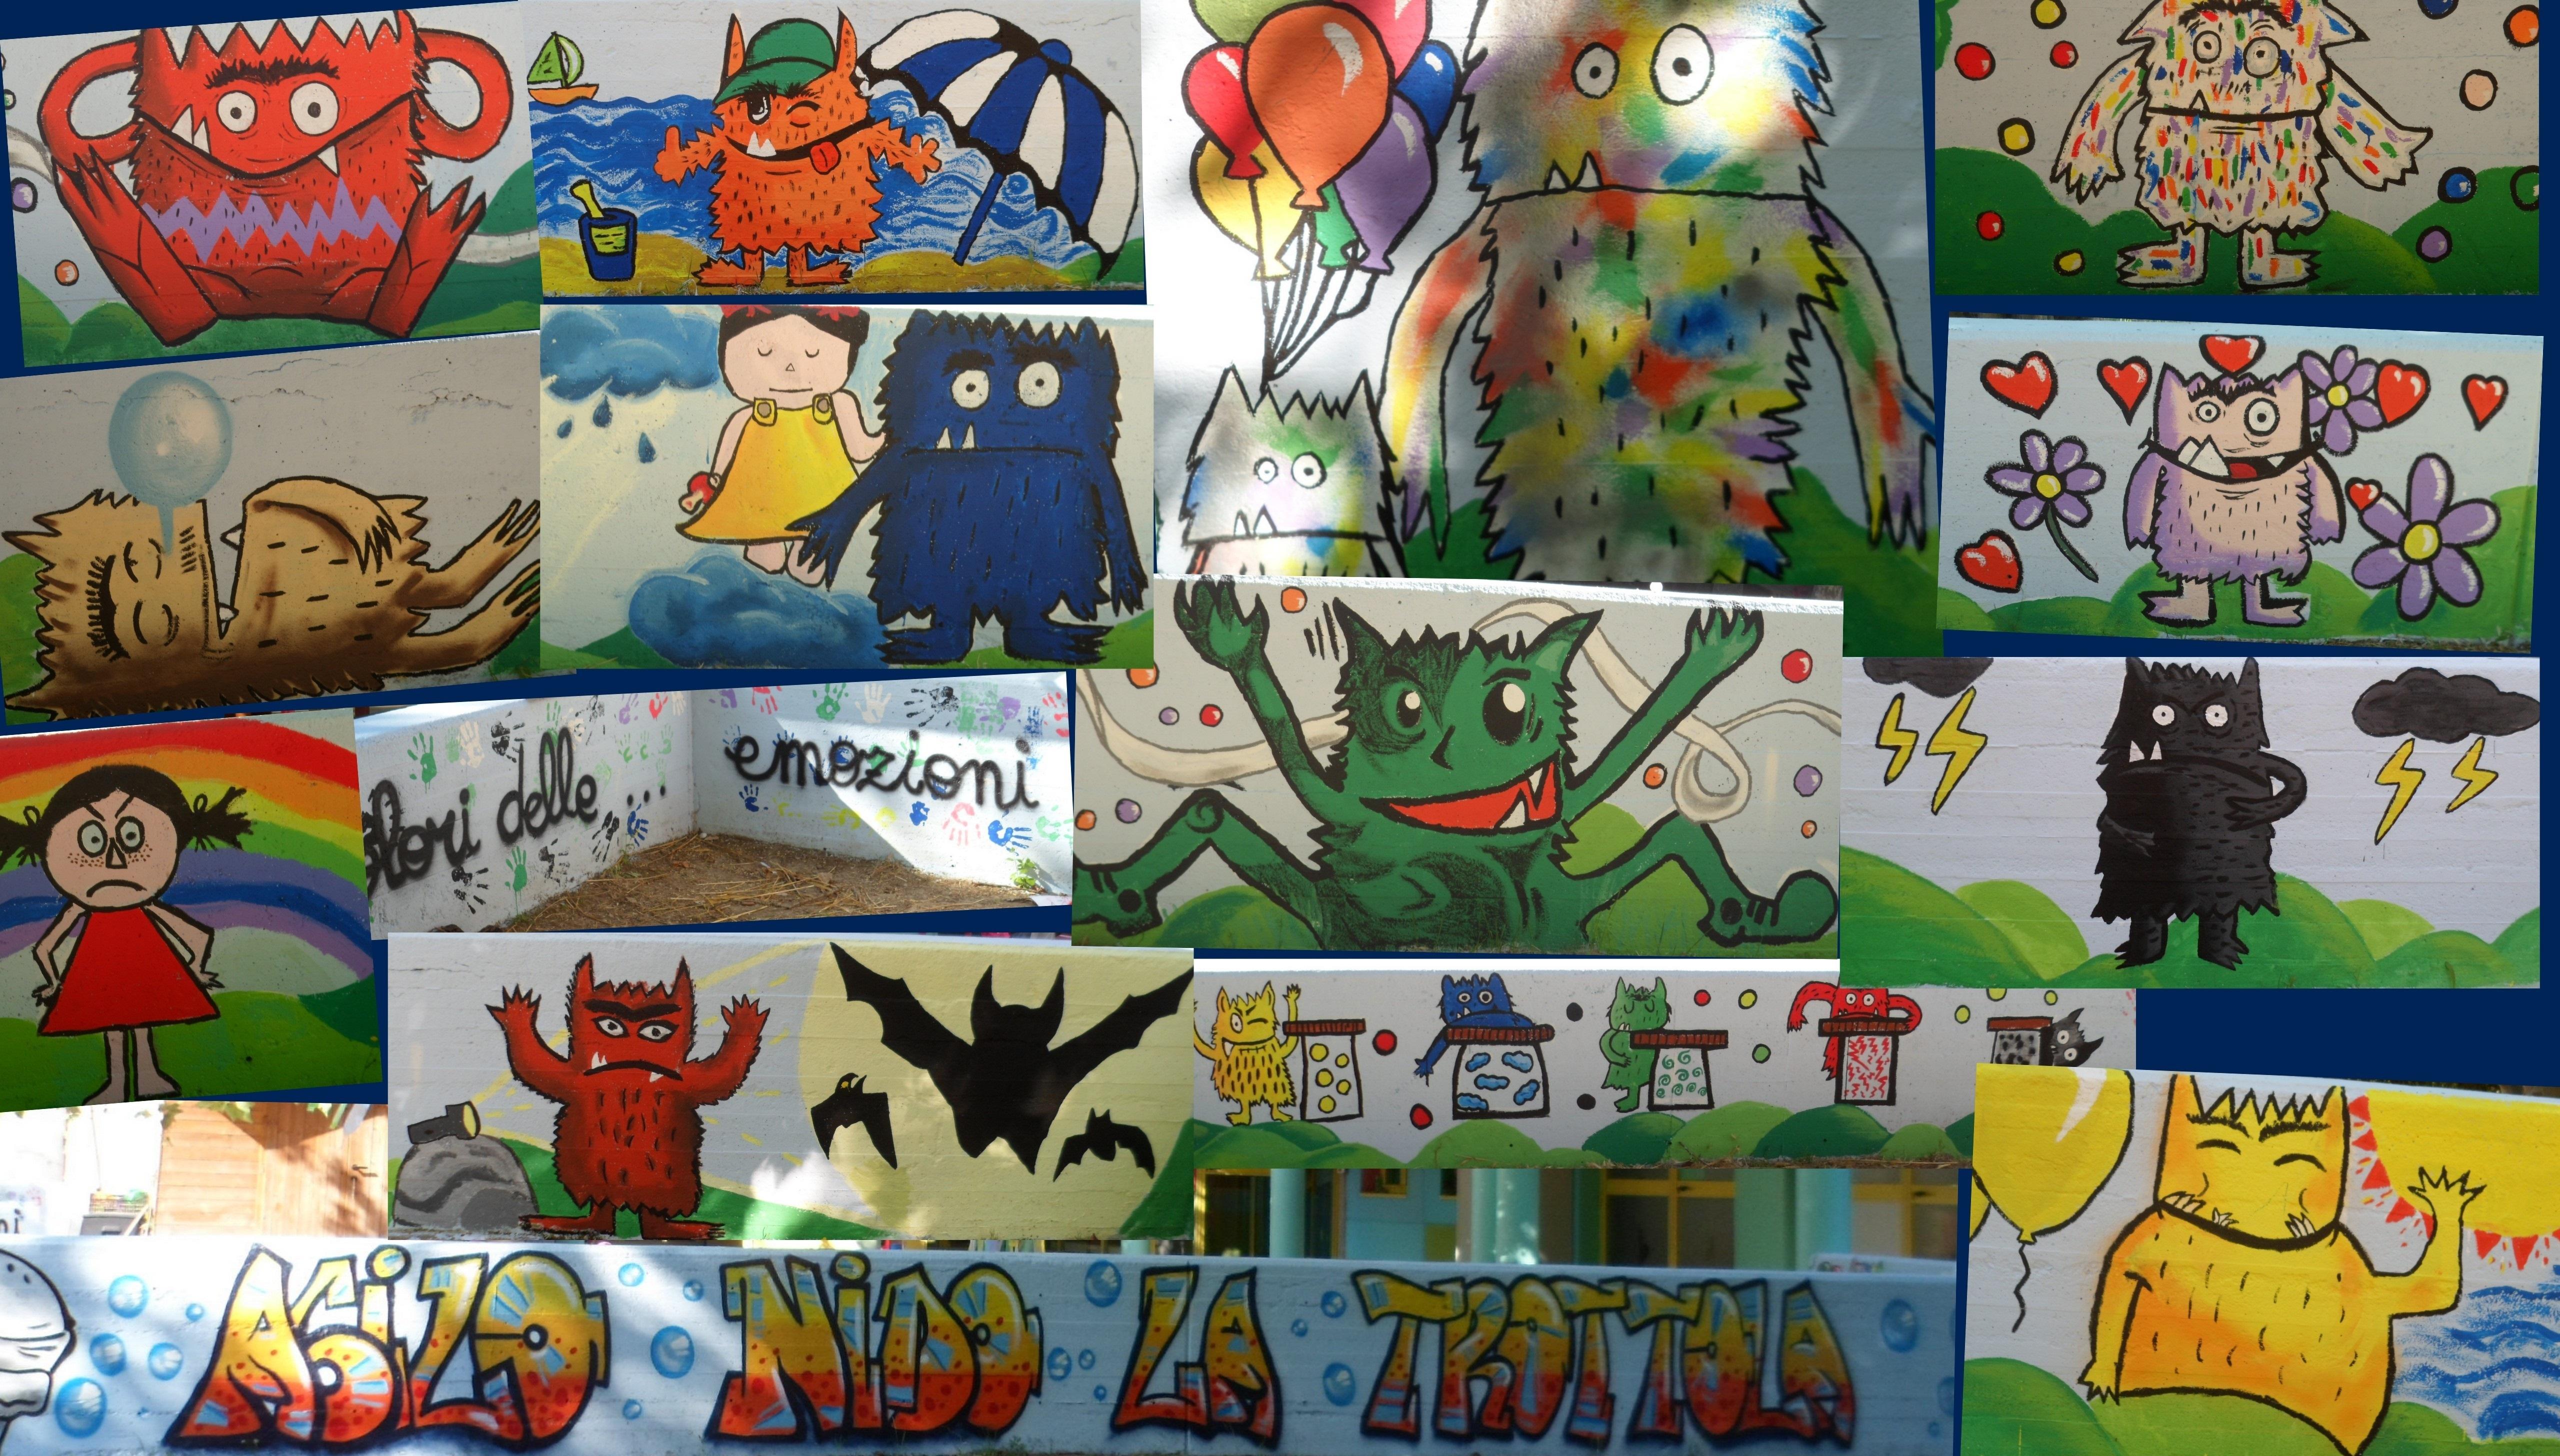 Inaugurazione Murales al Nido La trottola